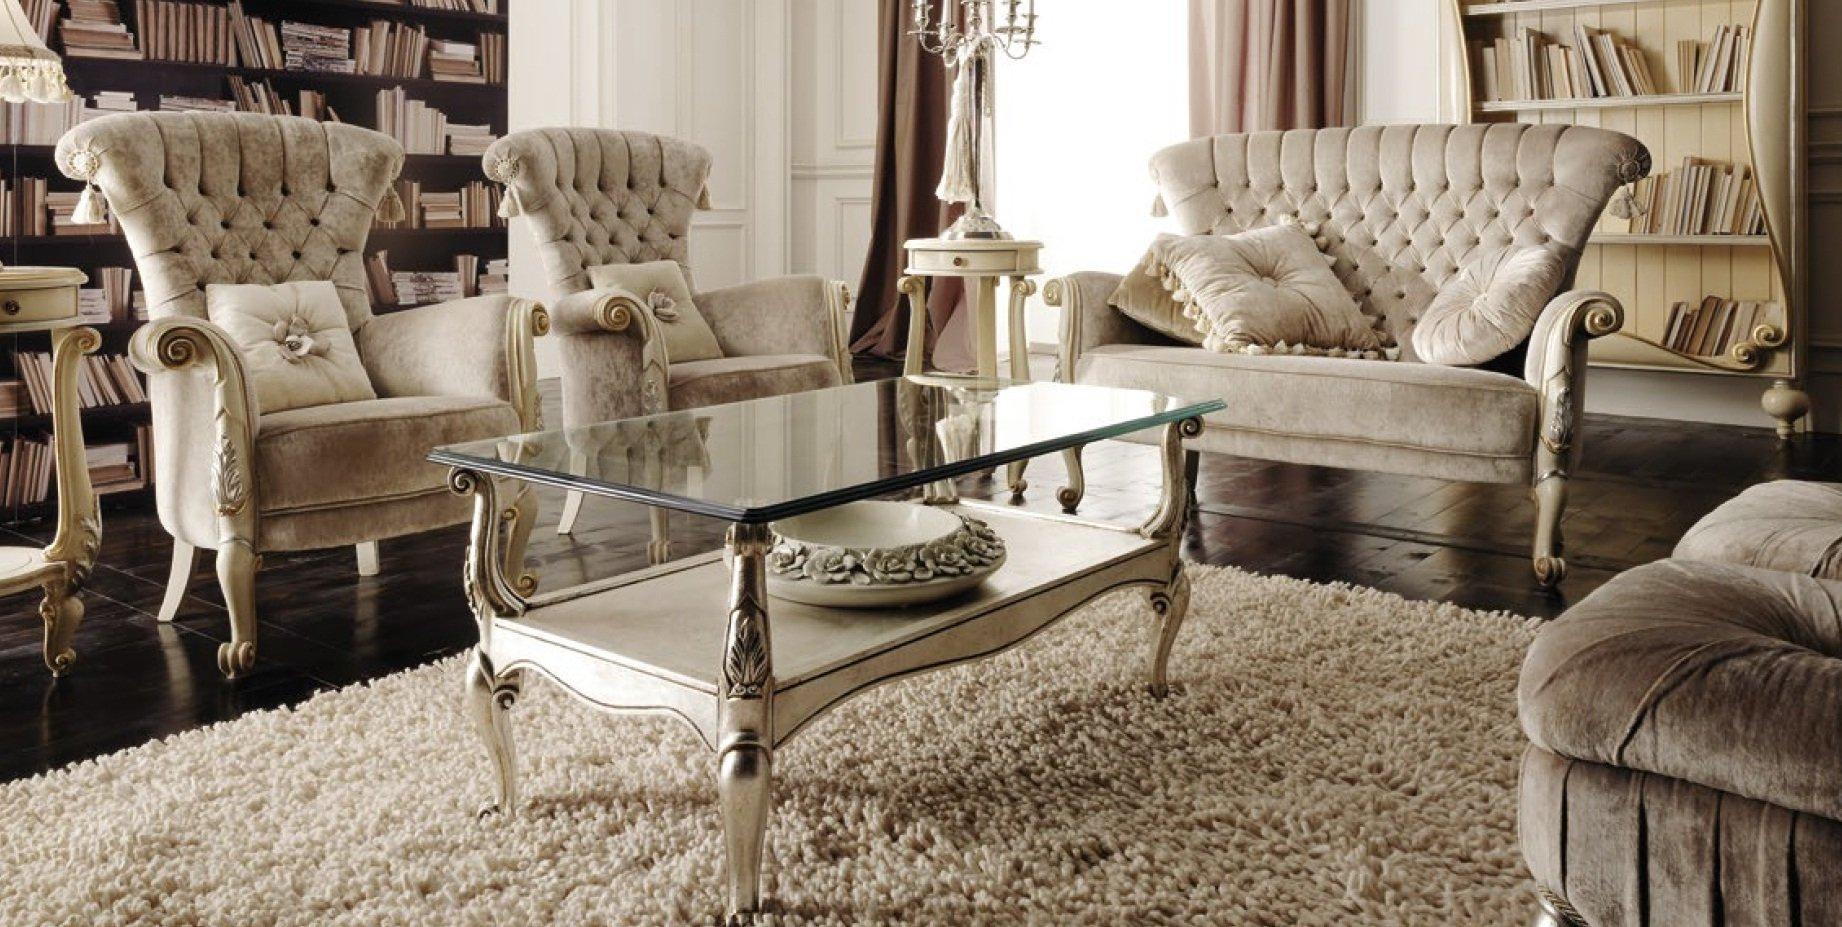 Gregorio комплект мягкой мебели 91305